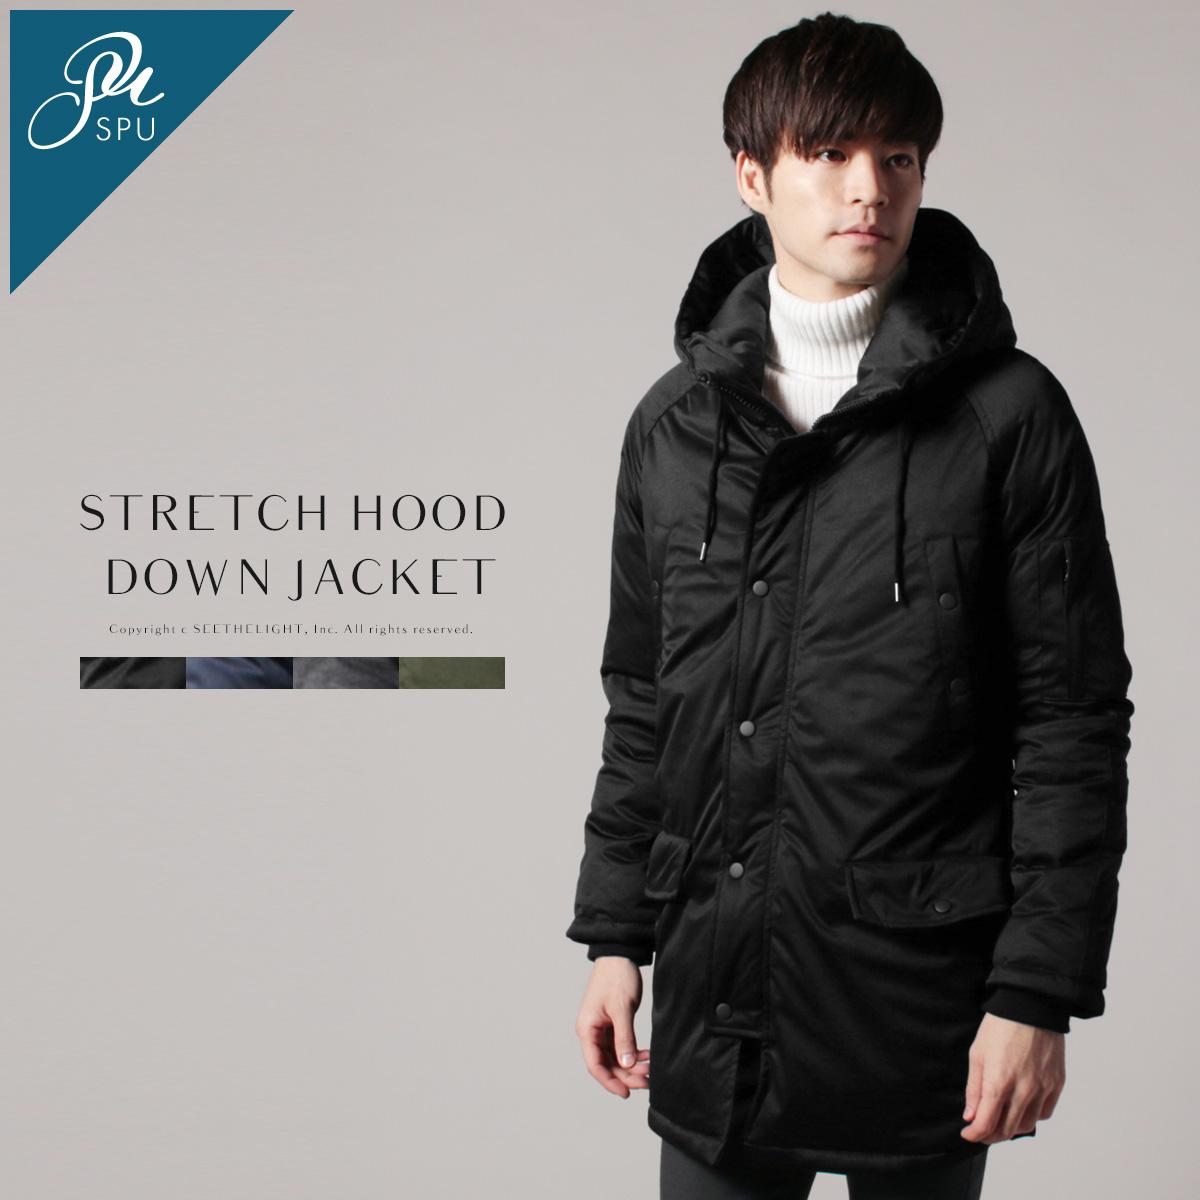 ダウンジャケット メンズ ストレッチ ダウン フードジャケット SPU スプ 長袖 ジャケット アウター 冬 ビジネス